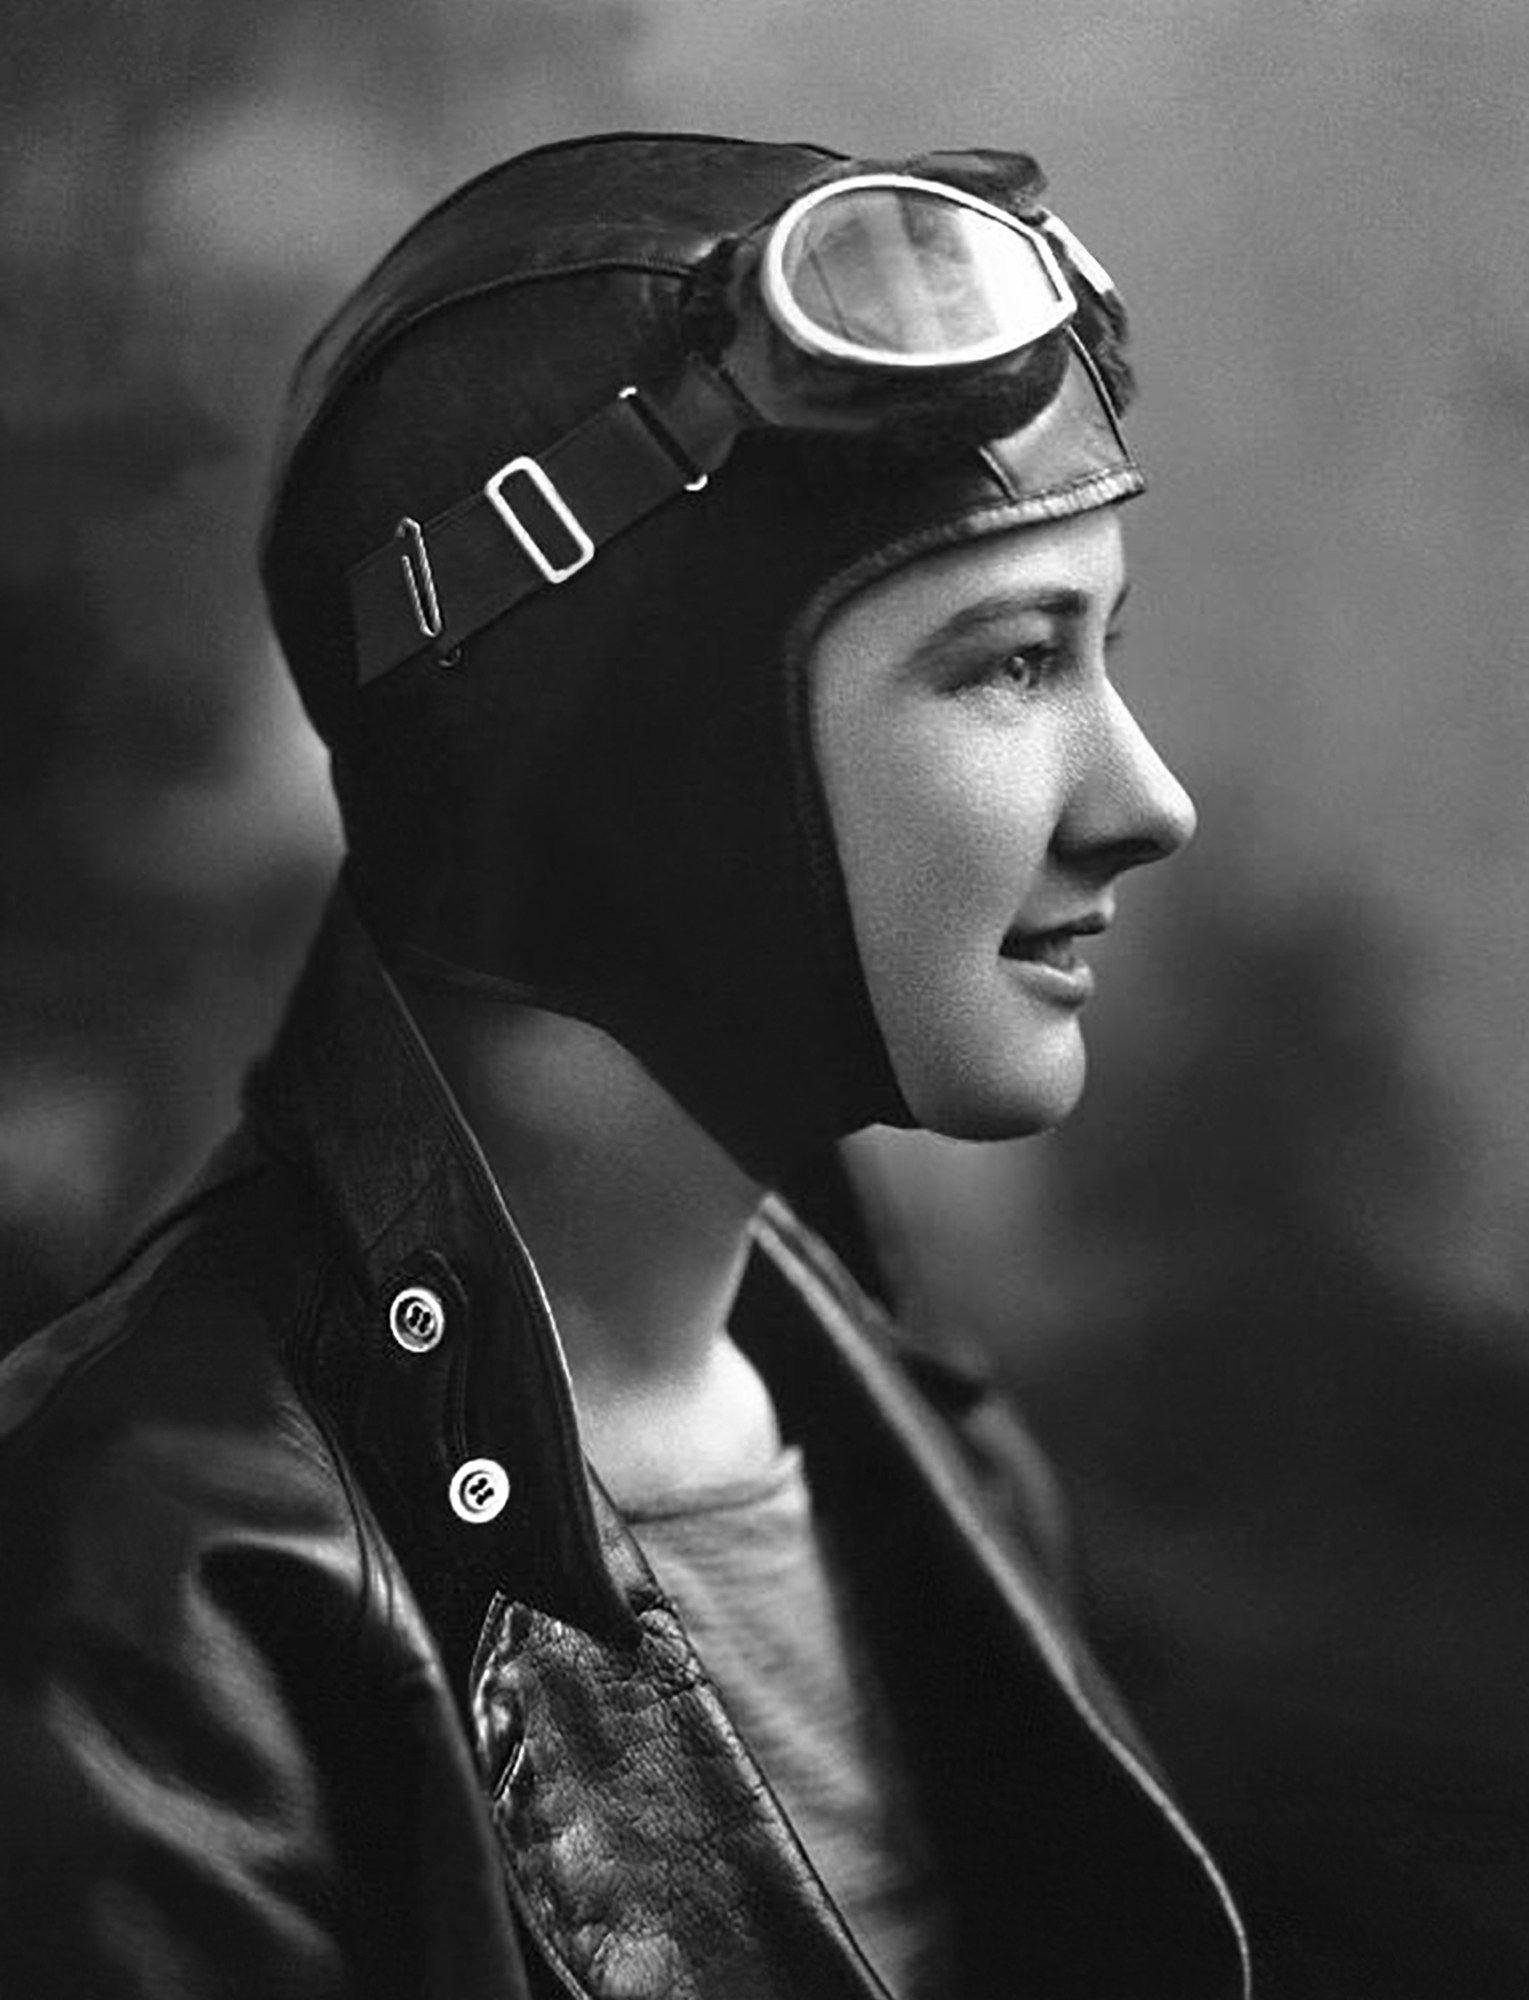 Female aviator helen richey 1929 women in history